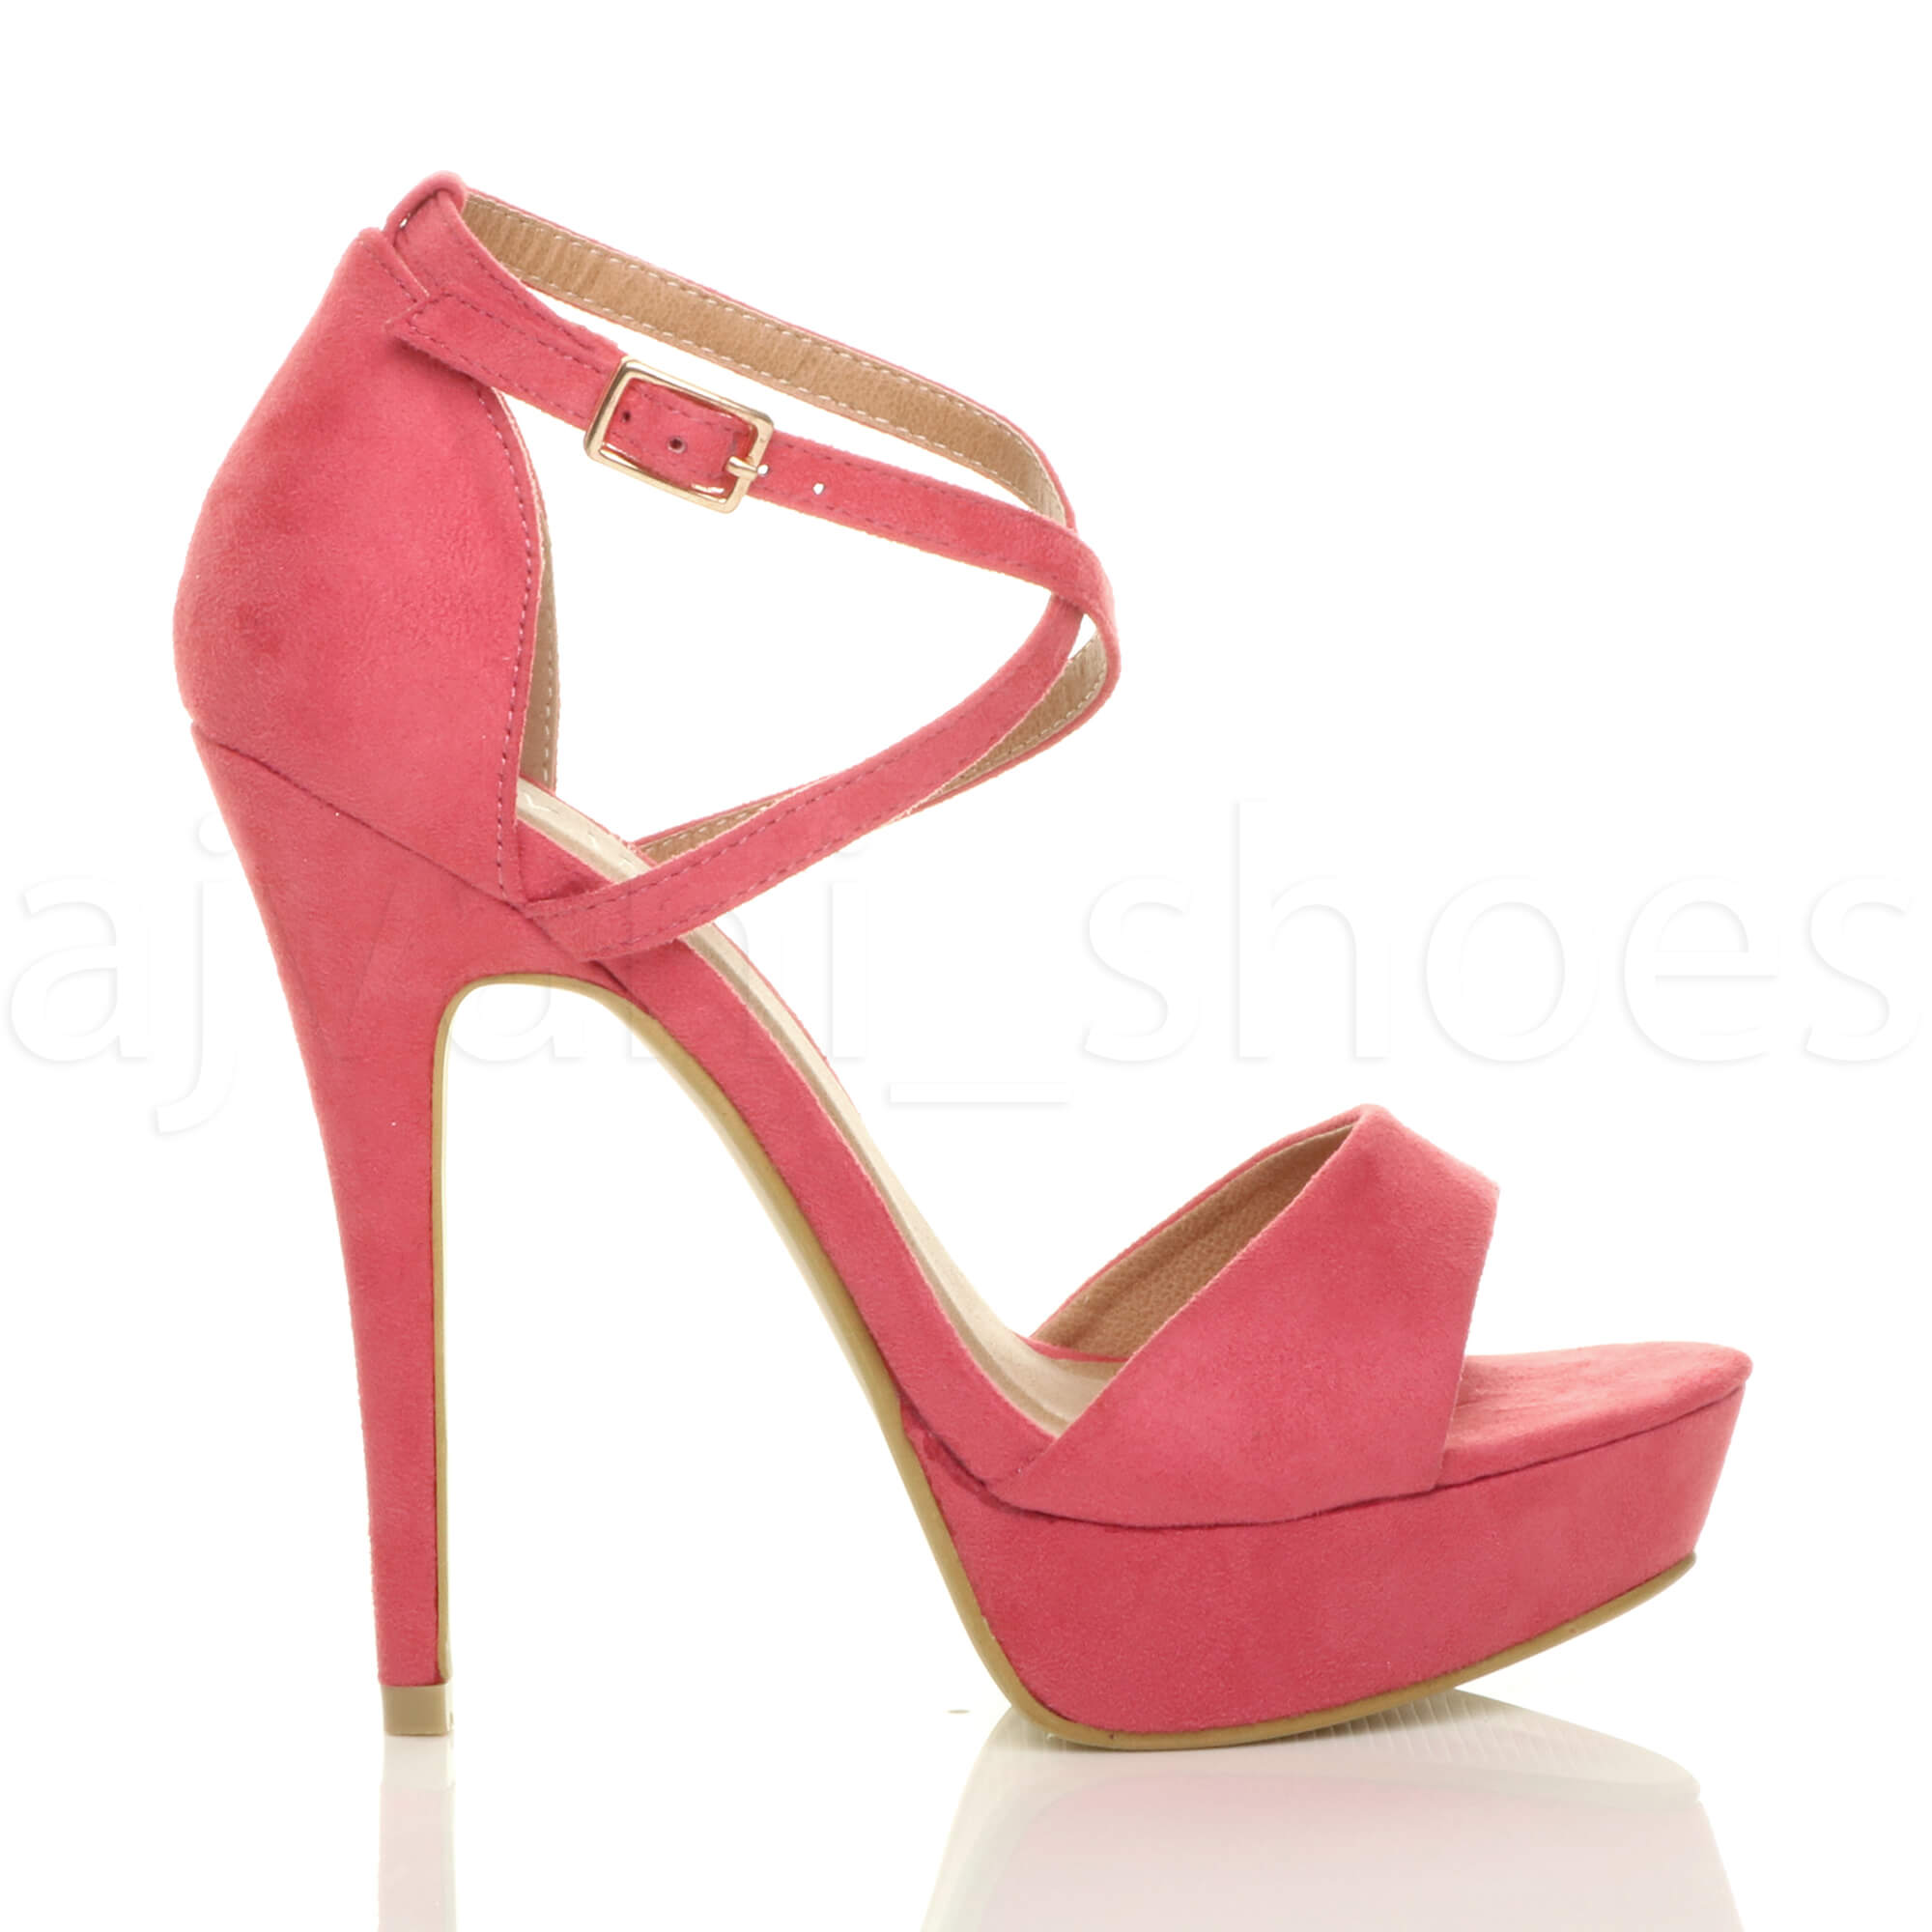 Mujer-Damas-Tacon-Alto-Plataforma-Peep-Toe-Cruz-Sobre-con-Tiras-Sandalias-Zapatos-Talla